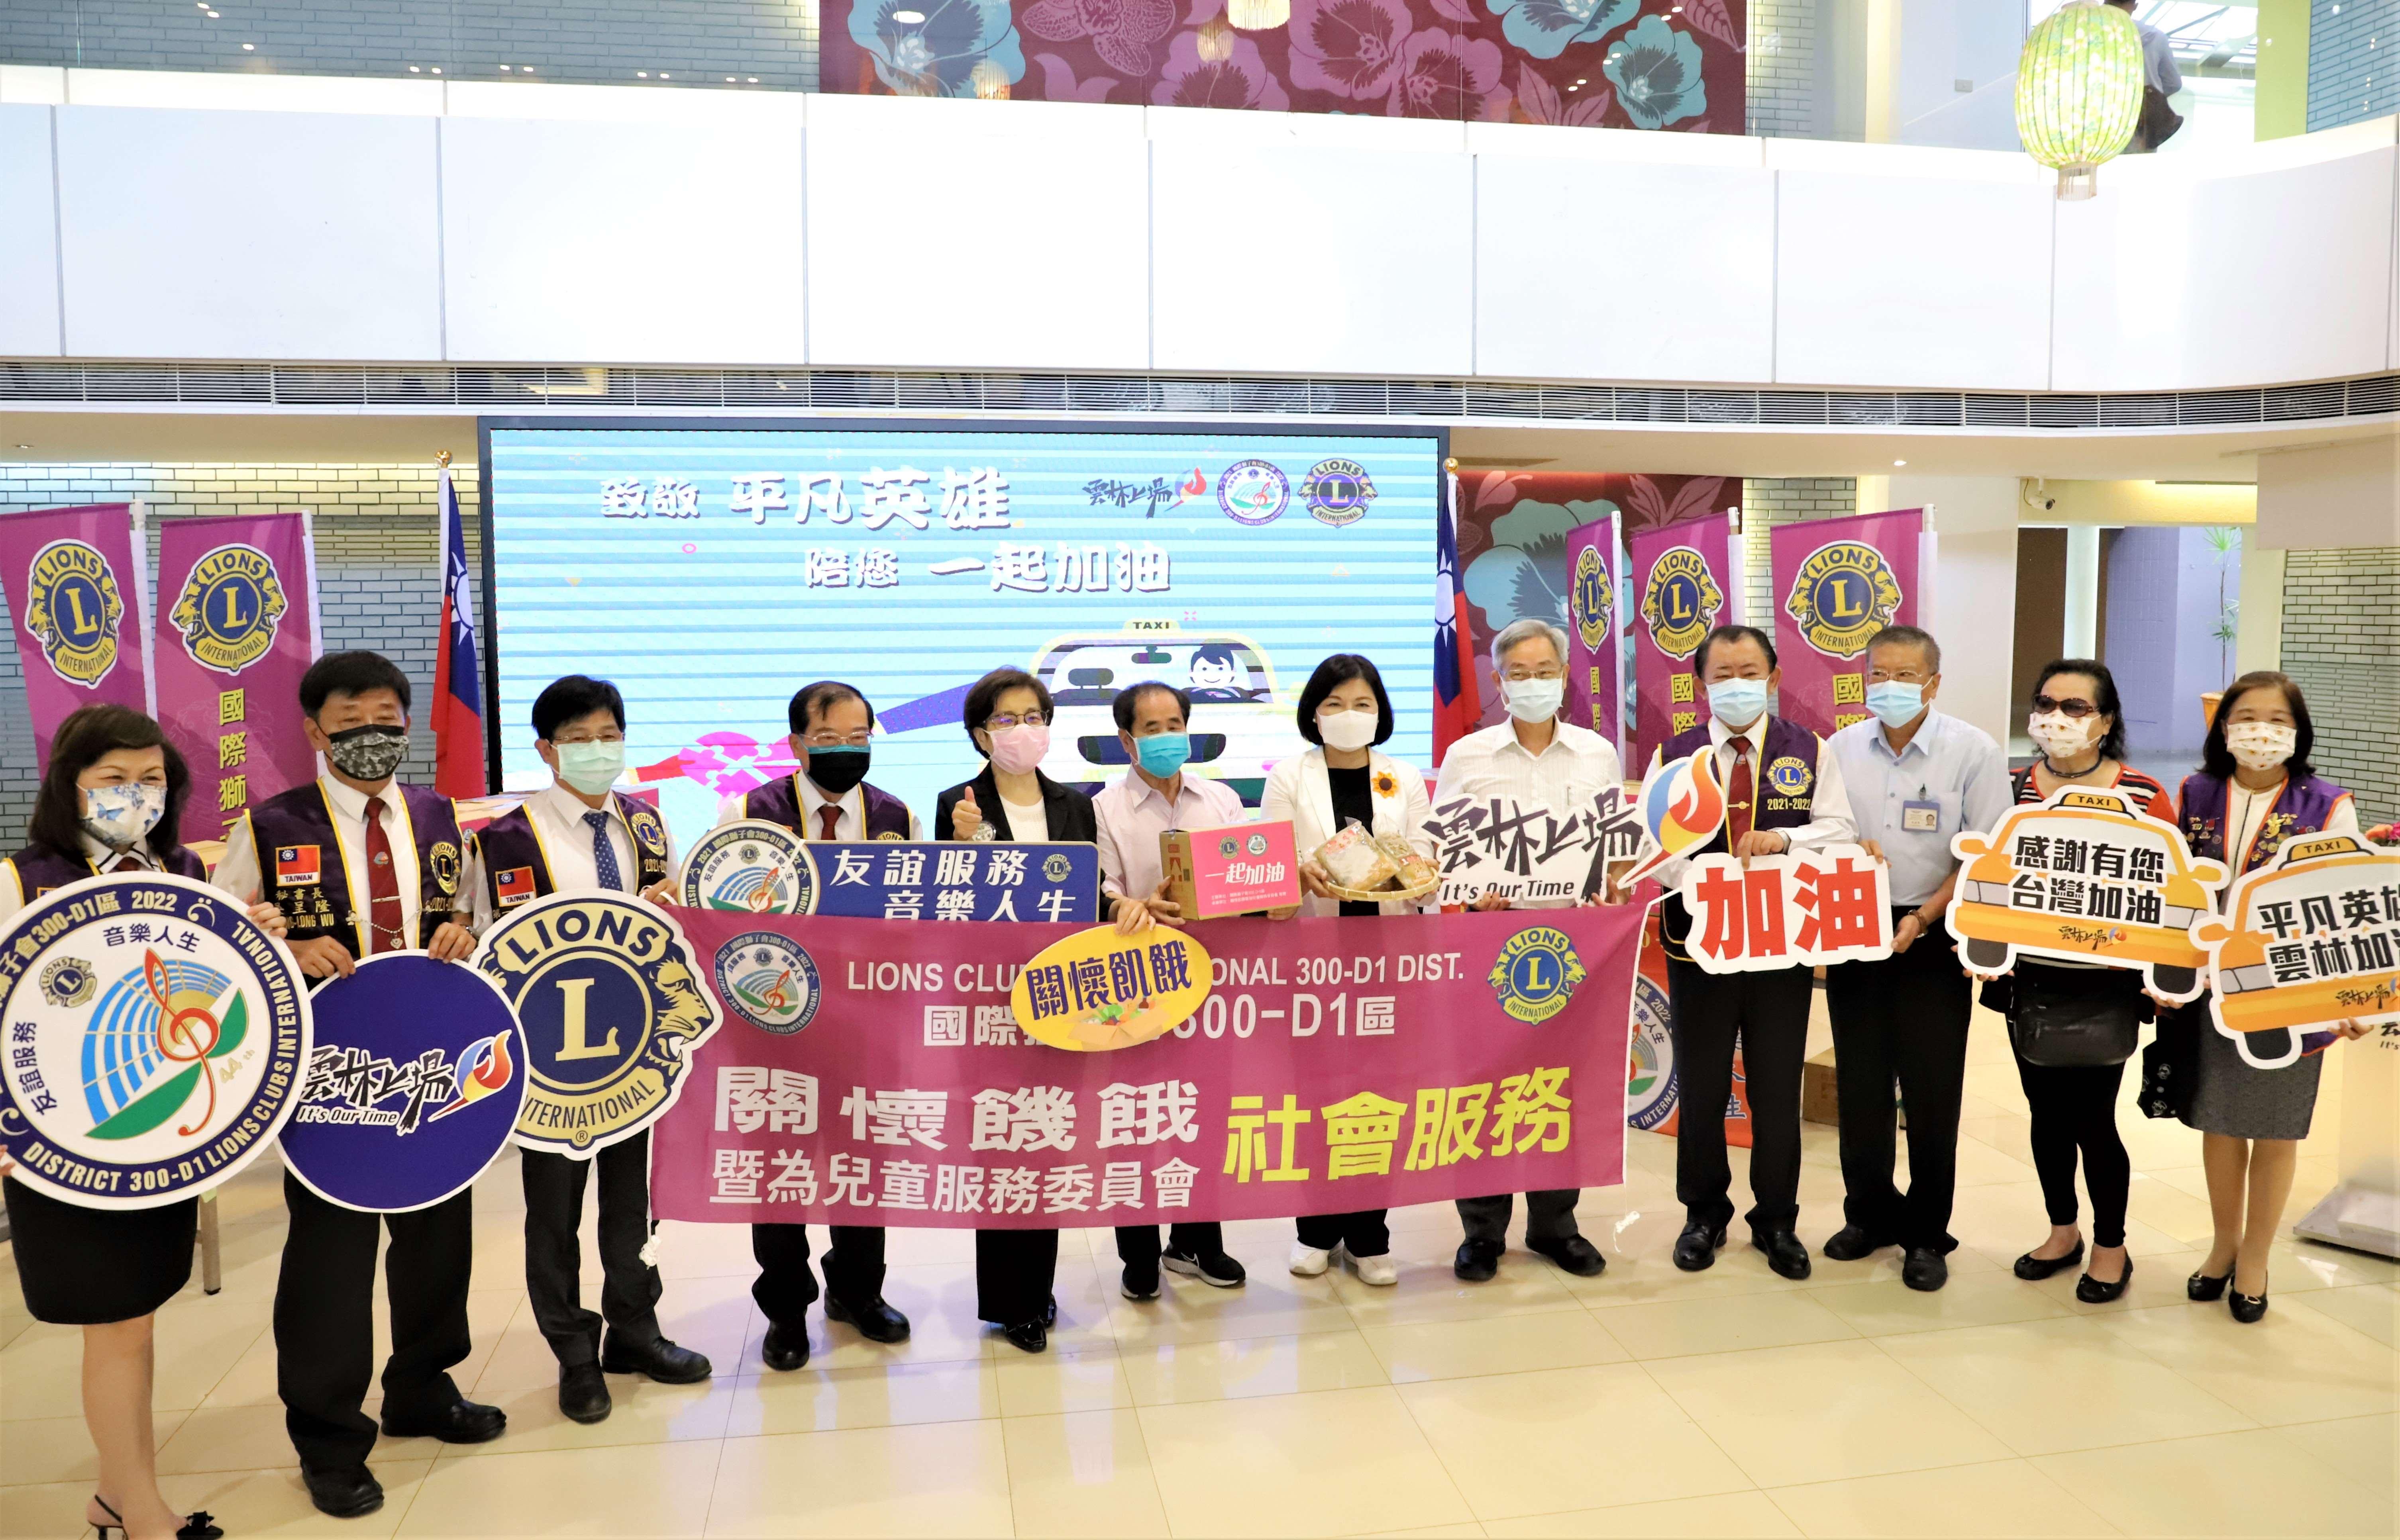 國際獅子會300 D-1區捐贈食物箱關懷雲林縣計程車業者  張麗善出席表達謝意